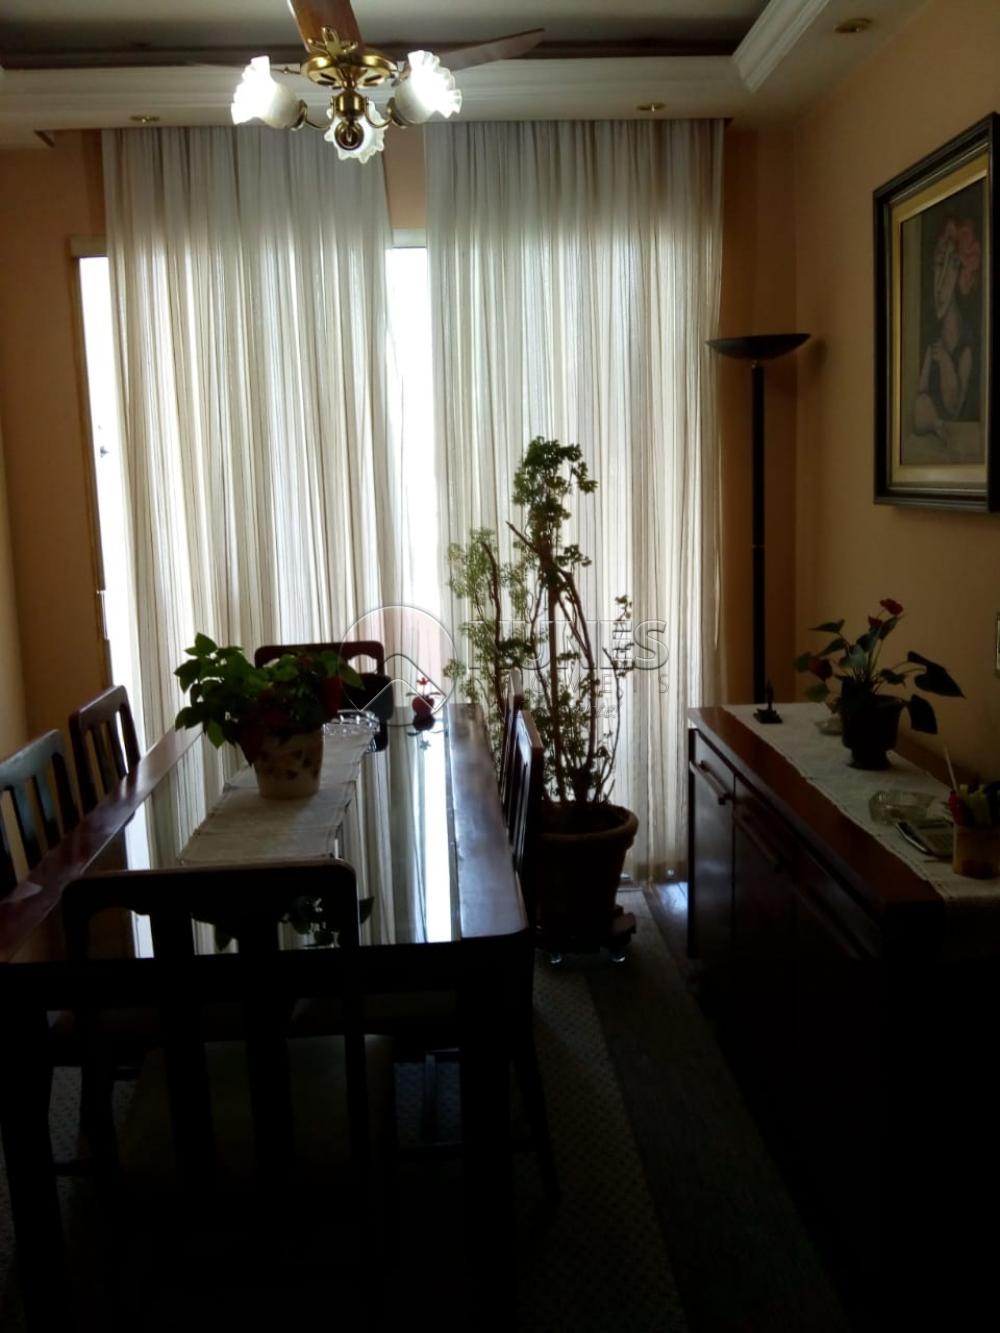 Comprar Apartamento / Padrão em Osasco apenas R$ 495.000,00 - Foto 3